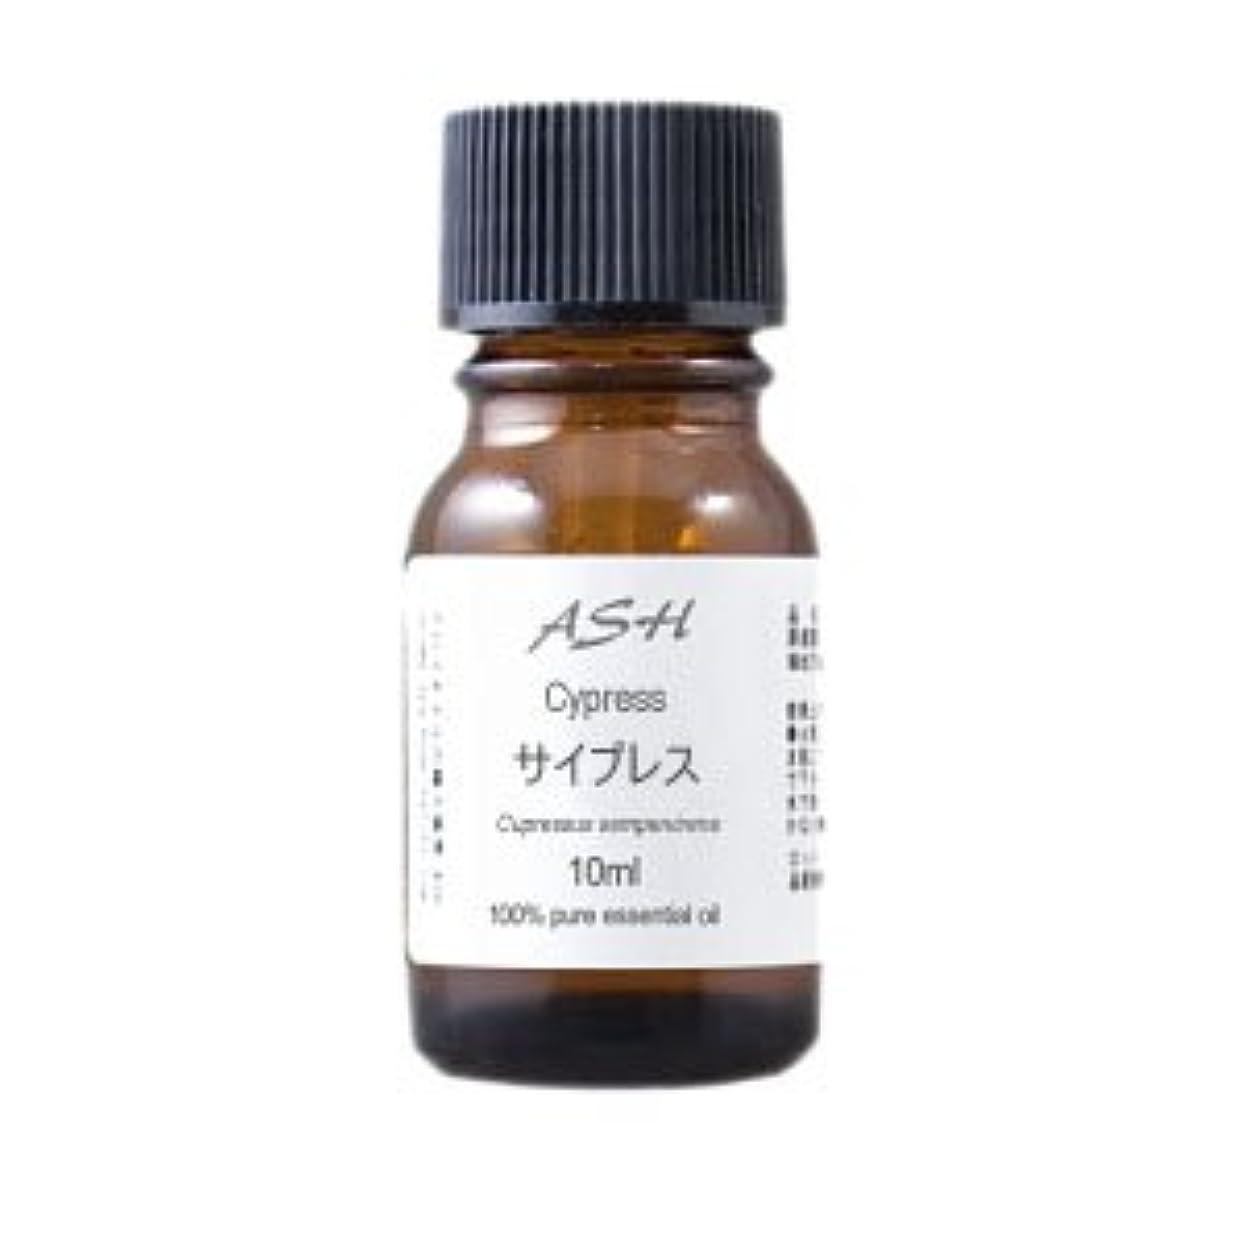 傷つける検閲著作権ASH サイプレス エッセンシャルオイル 10ml AEAJ表示基準適合認定精油